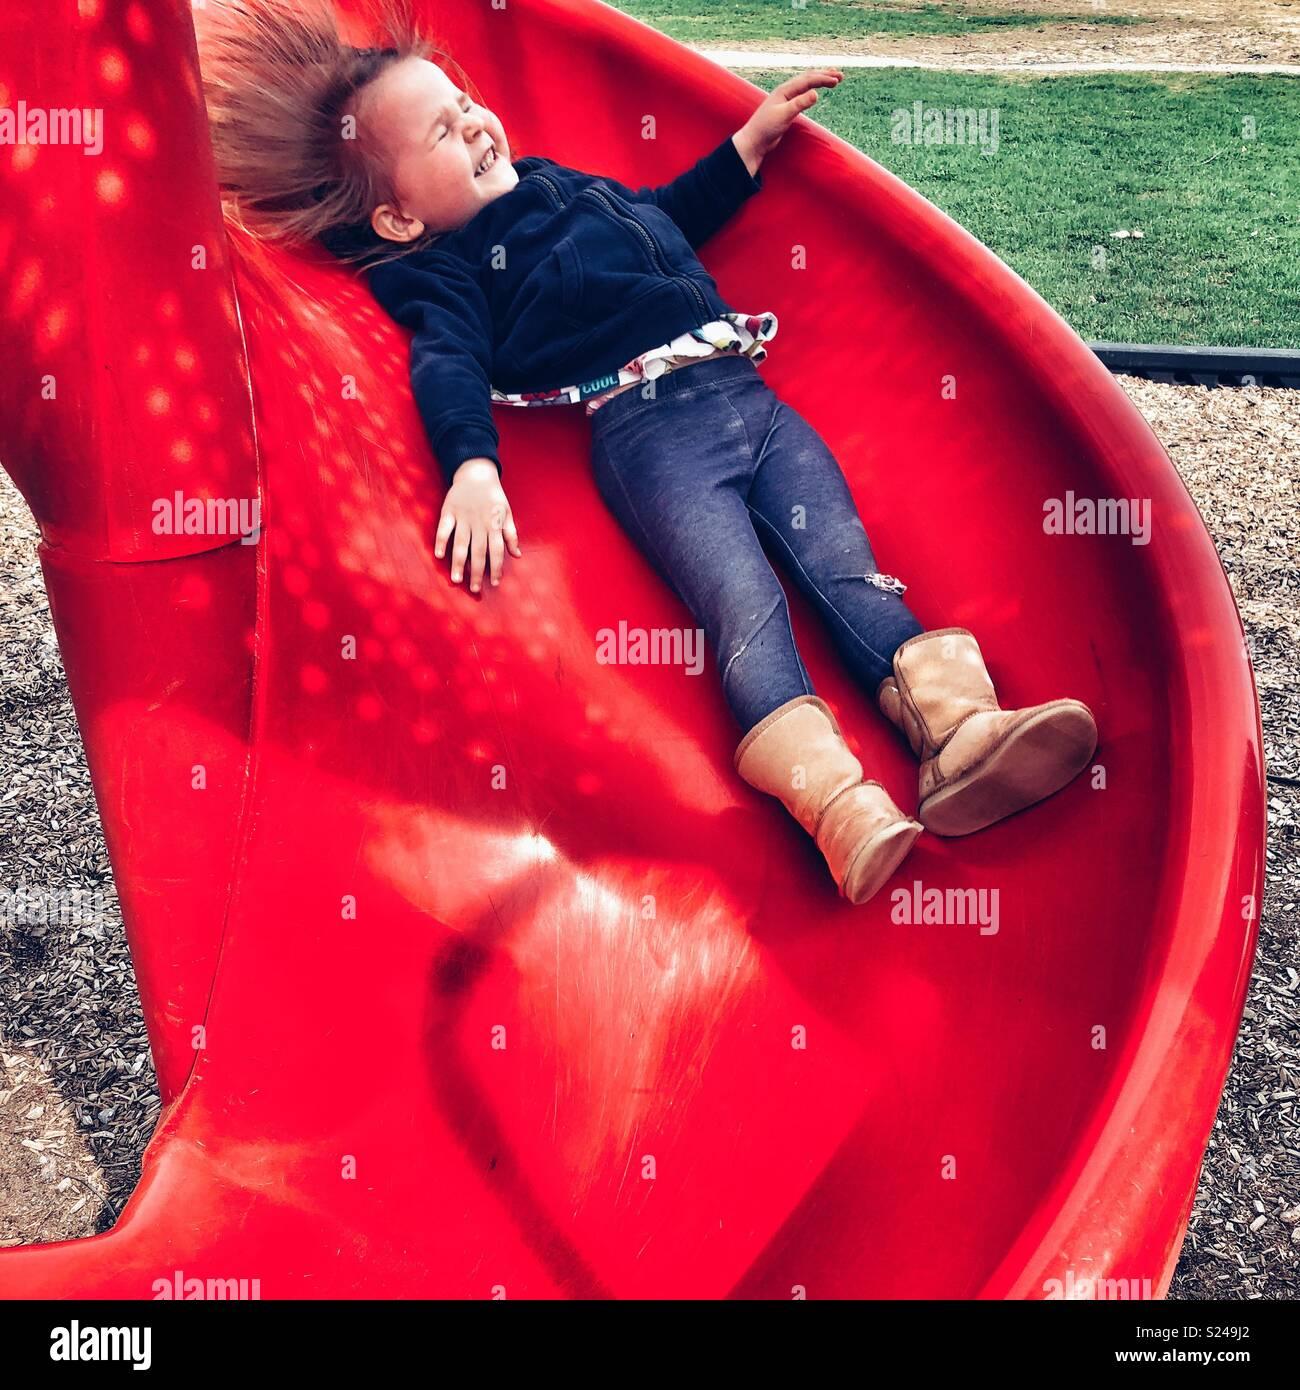 Bebê menina sorrindo alegremente enquanto desliza para baixo um vermelho parque infantil deslize Imagens de Stock